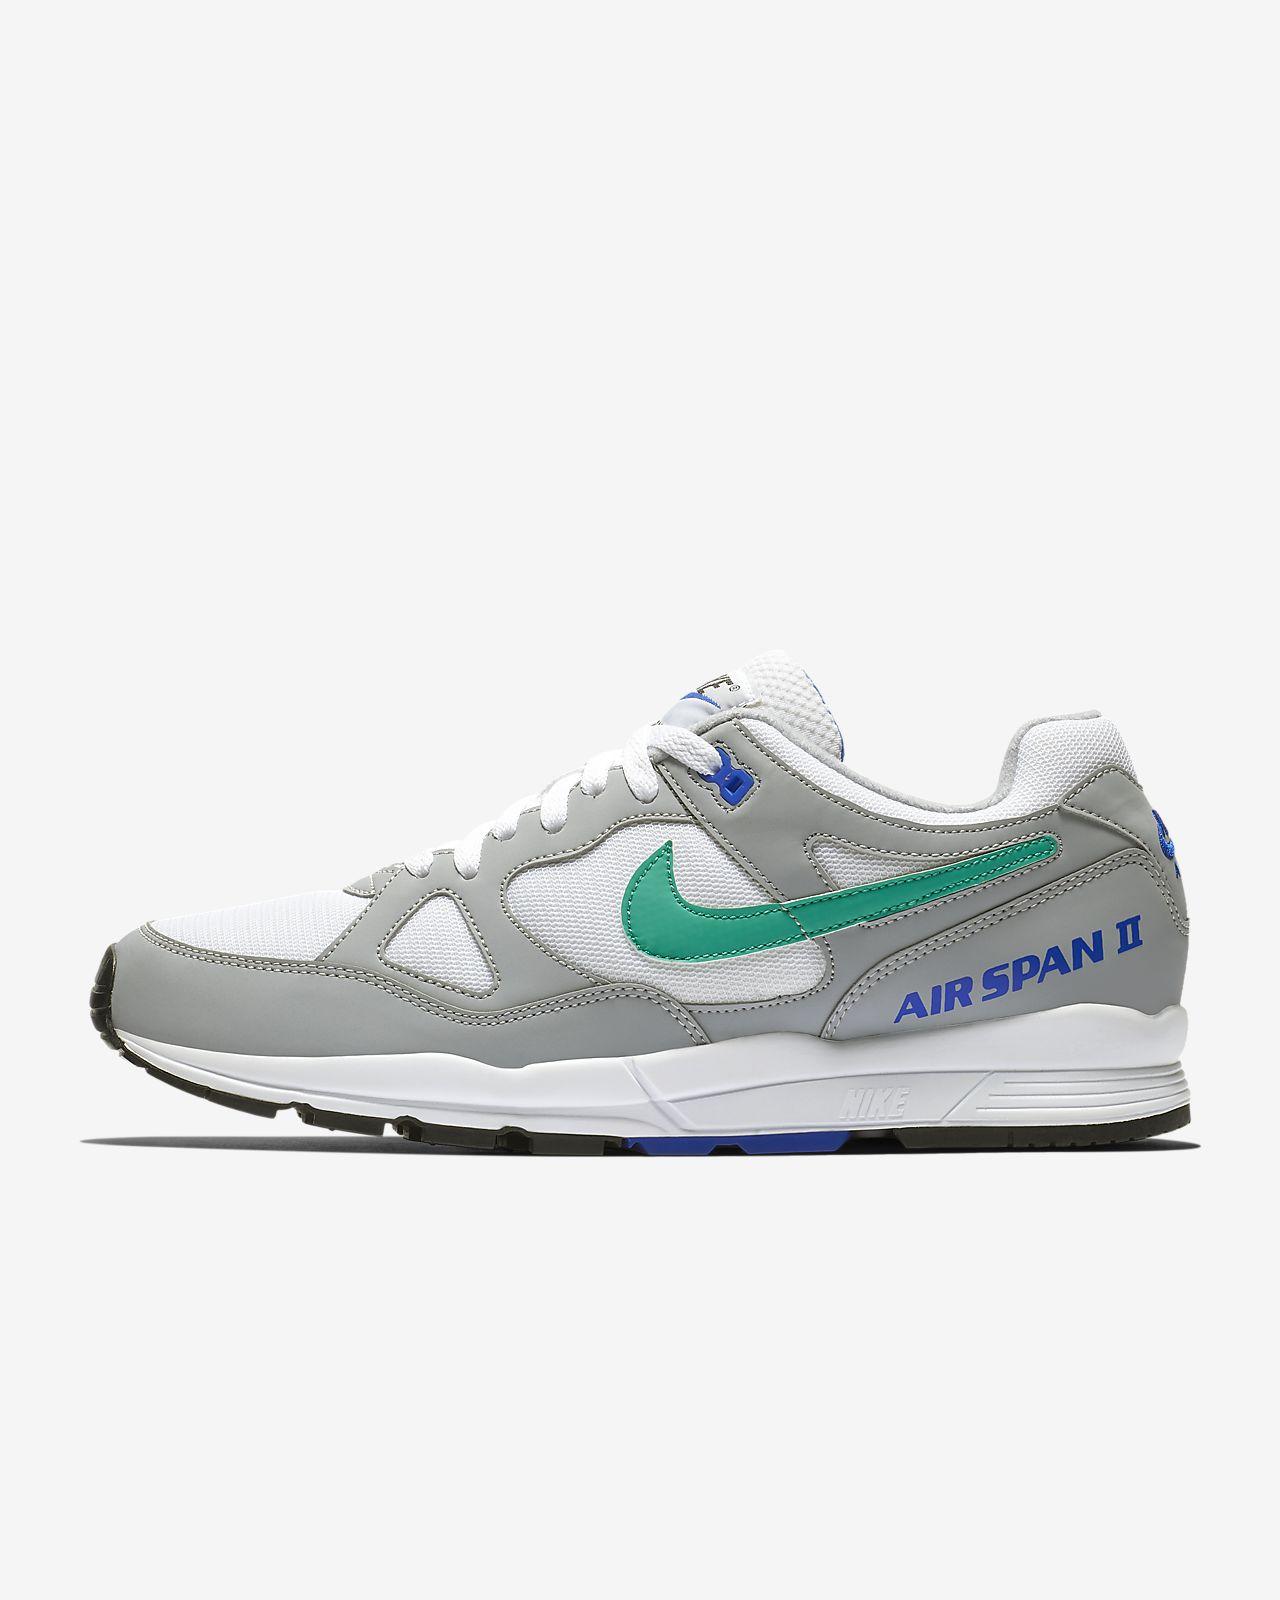 online retailer 0f493 285ce ... Buty męskie Nike Air Span II